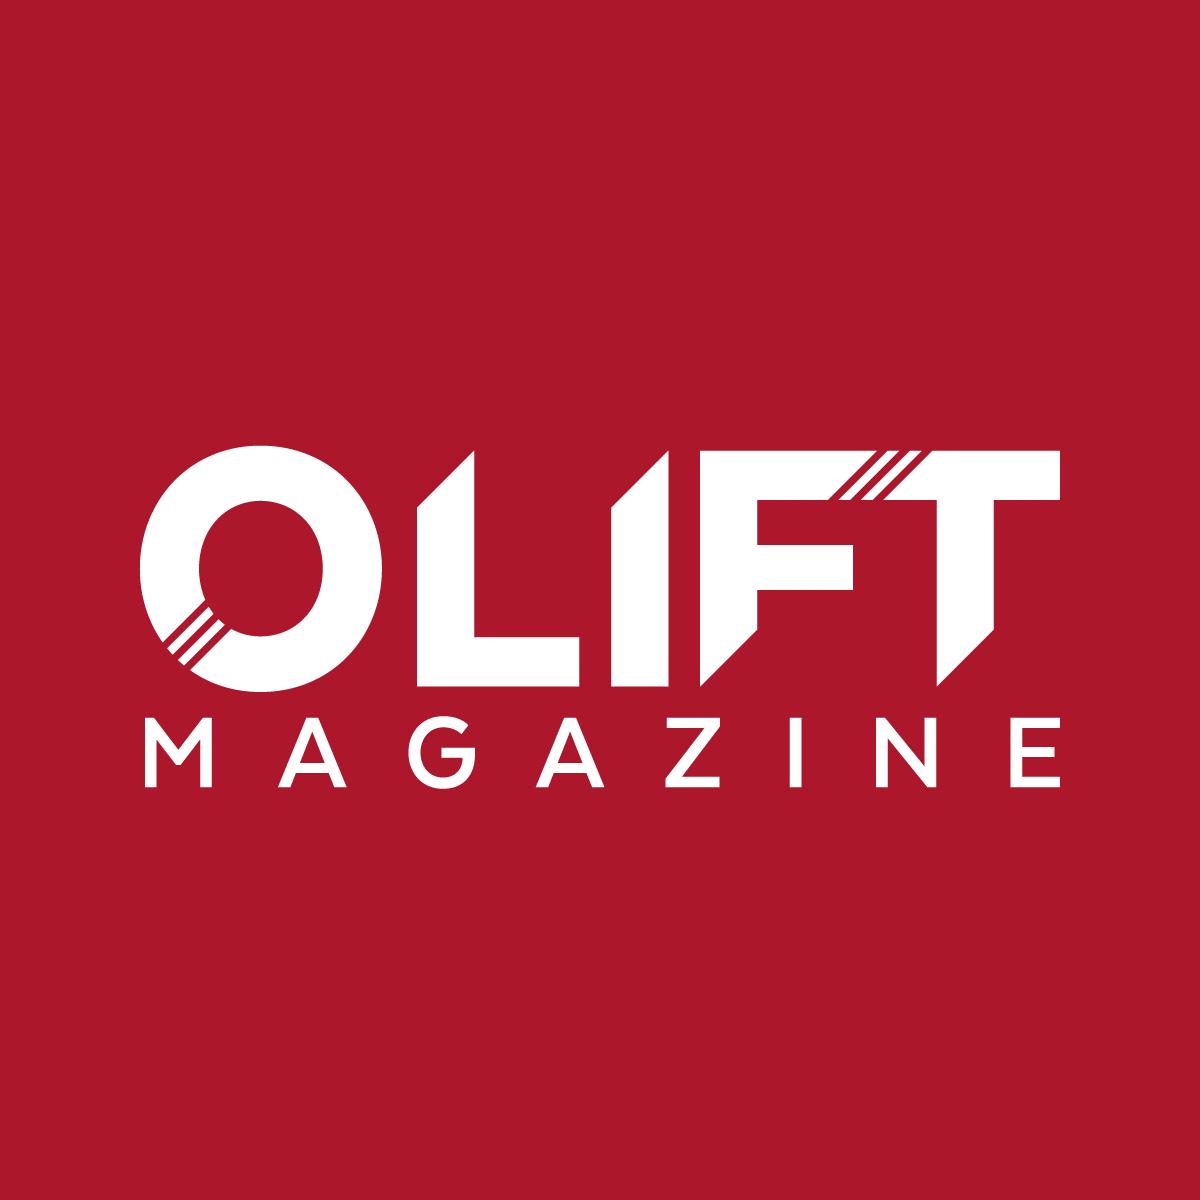 OLIFT  MAGAZINE